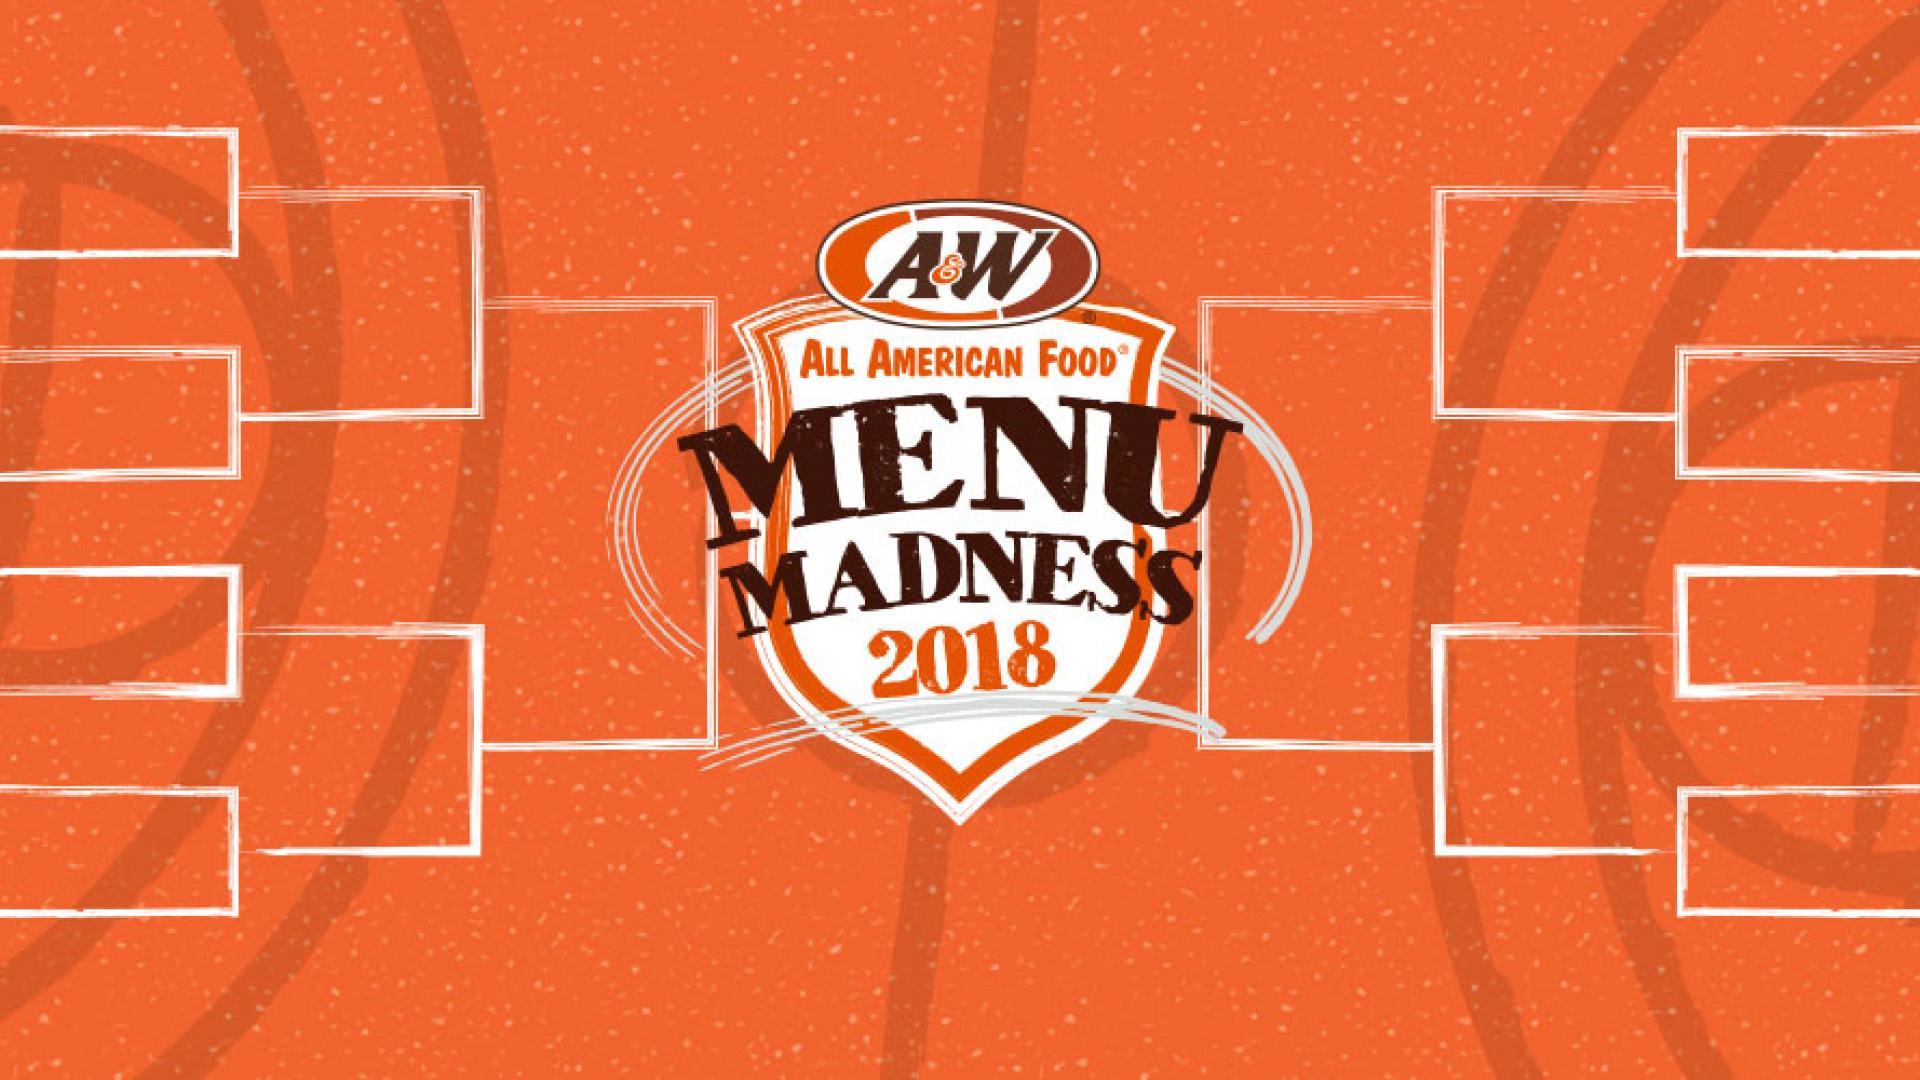 A&W Menu Madness Bracket